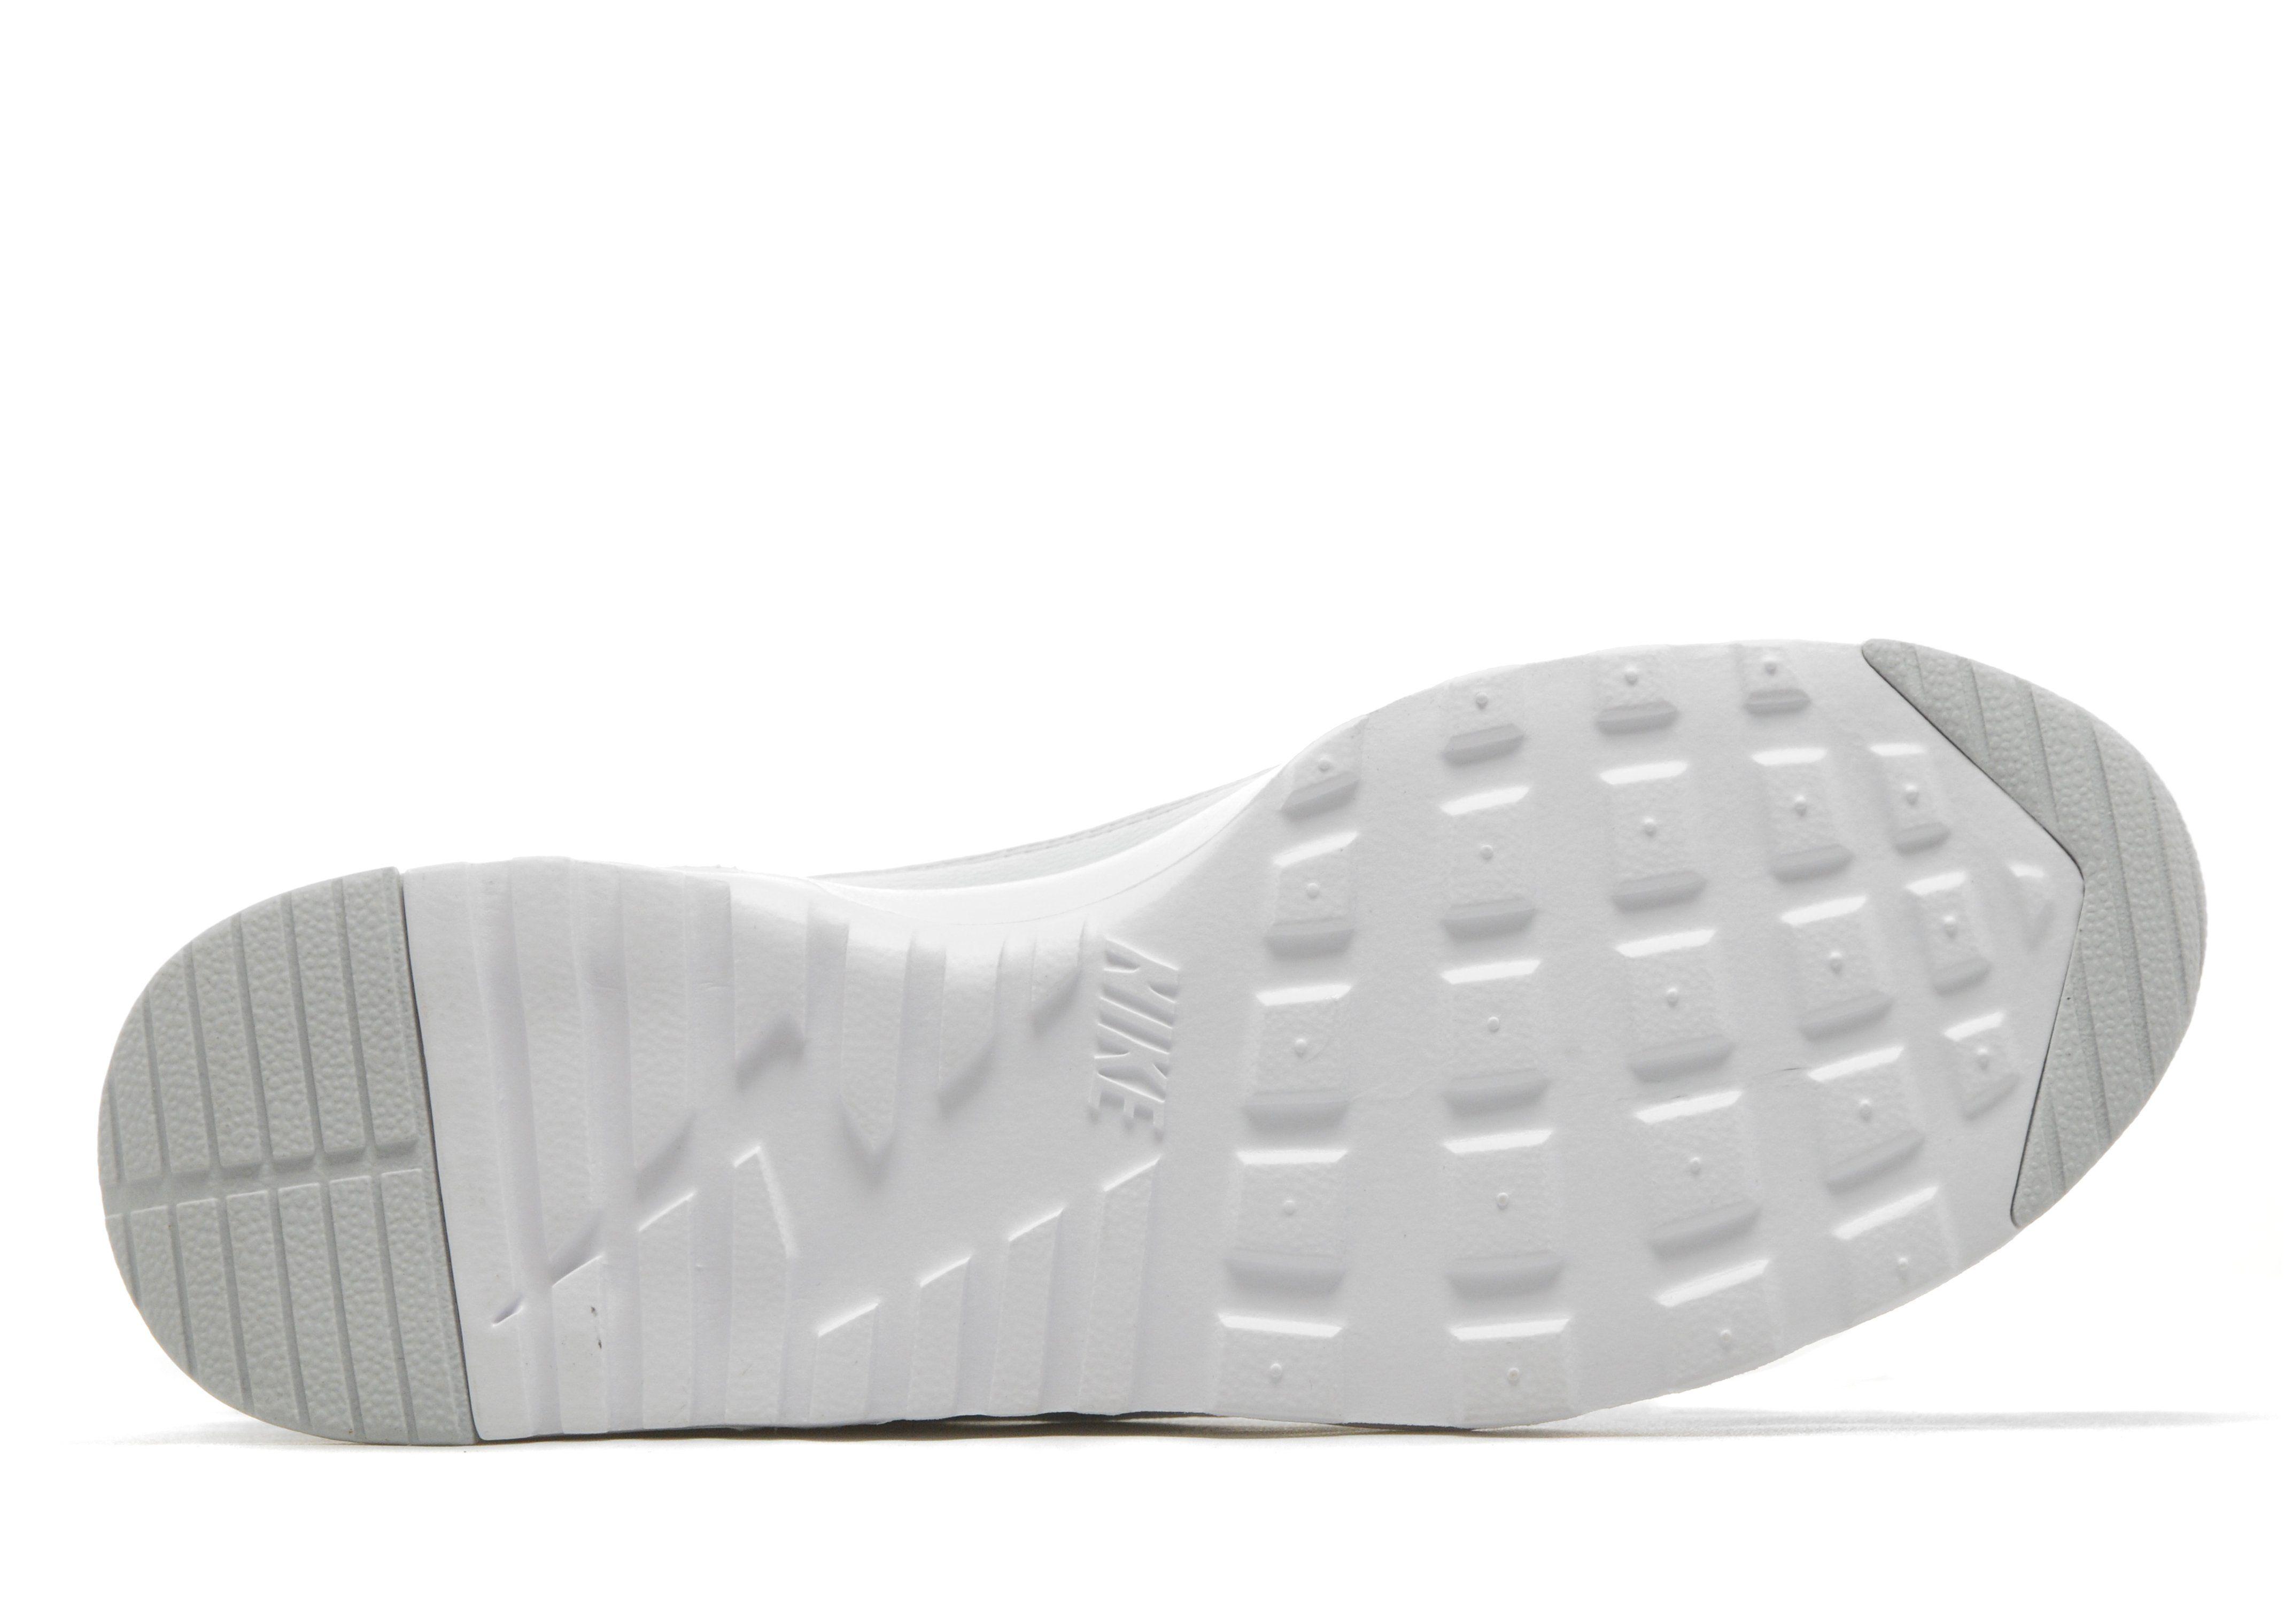 Nike Air Max Thea Women's